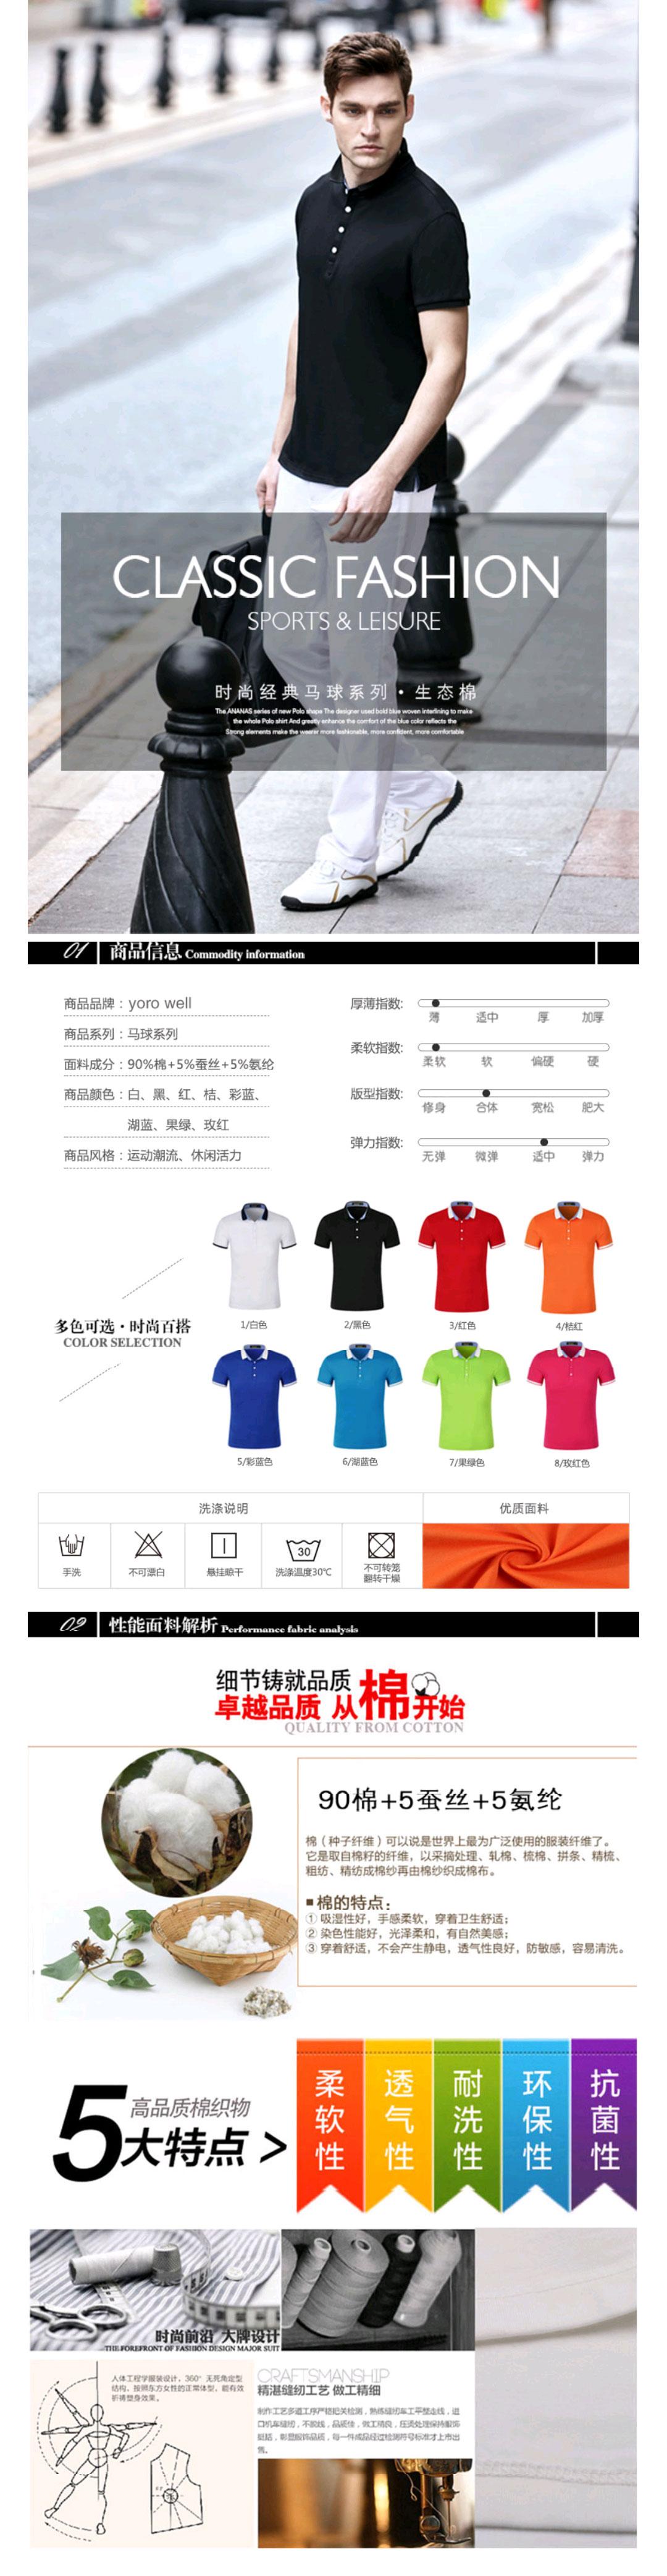 马球系列款原生态棉POLO衫产品详情